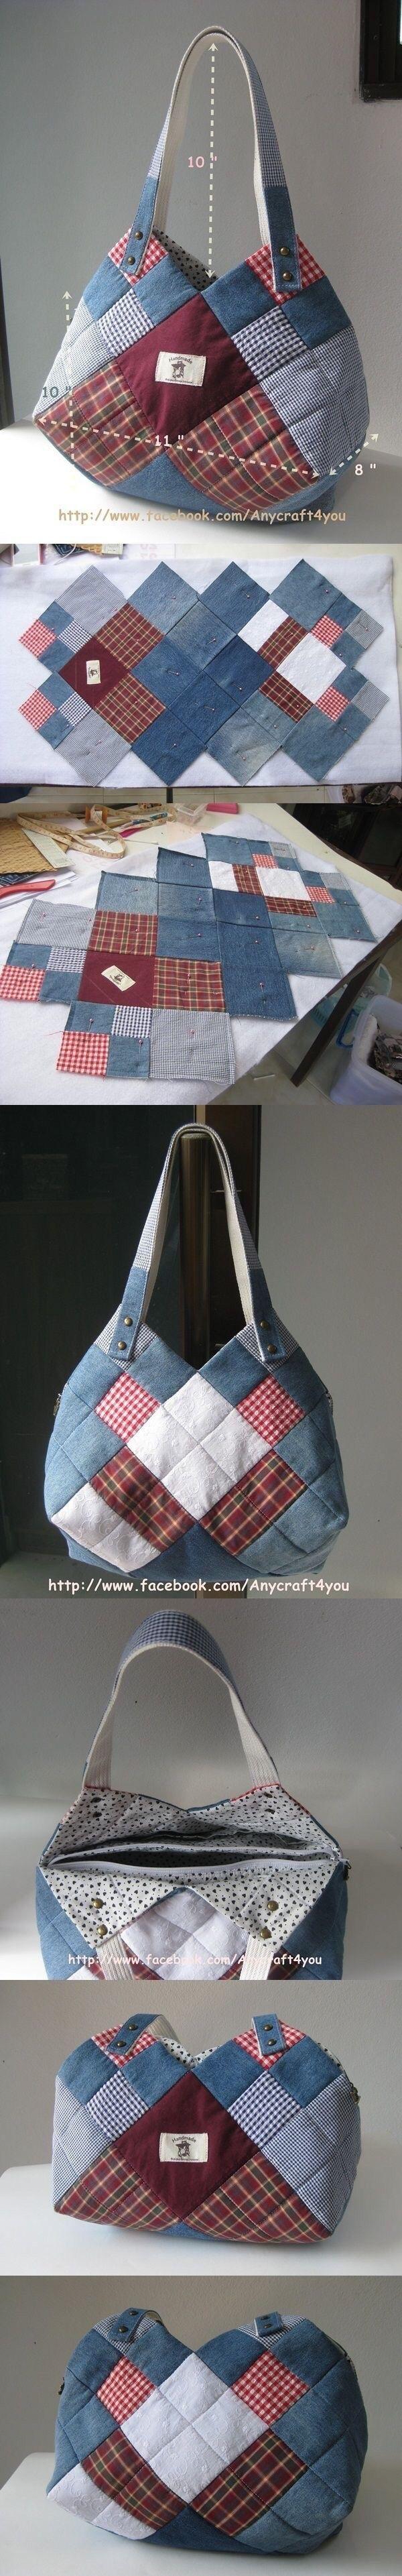 조각잇기의 변형으로 가방의 모양을 약간씩 달리할 수 있는 방법입니다.위의 가방과 아래의 가방은 조각을 ...